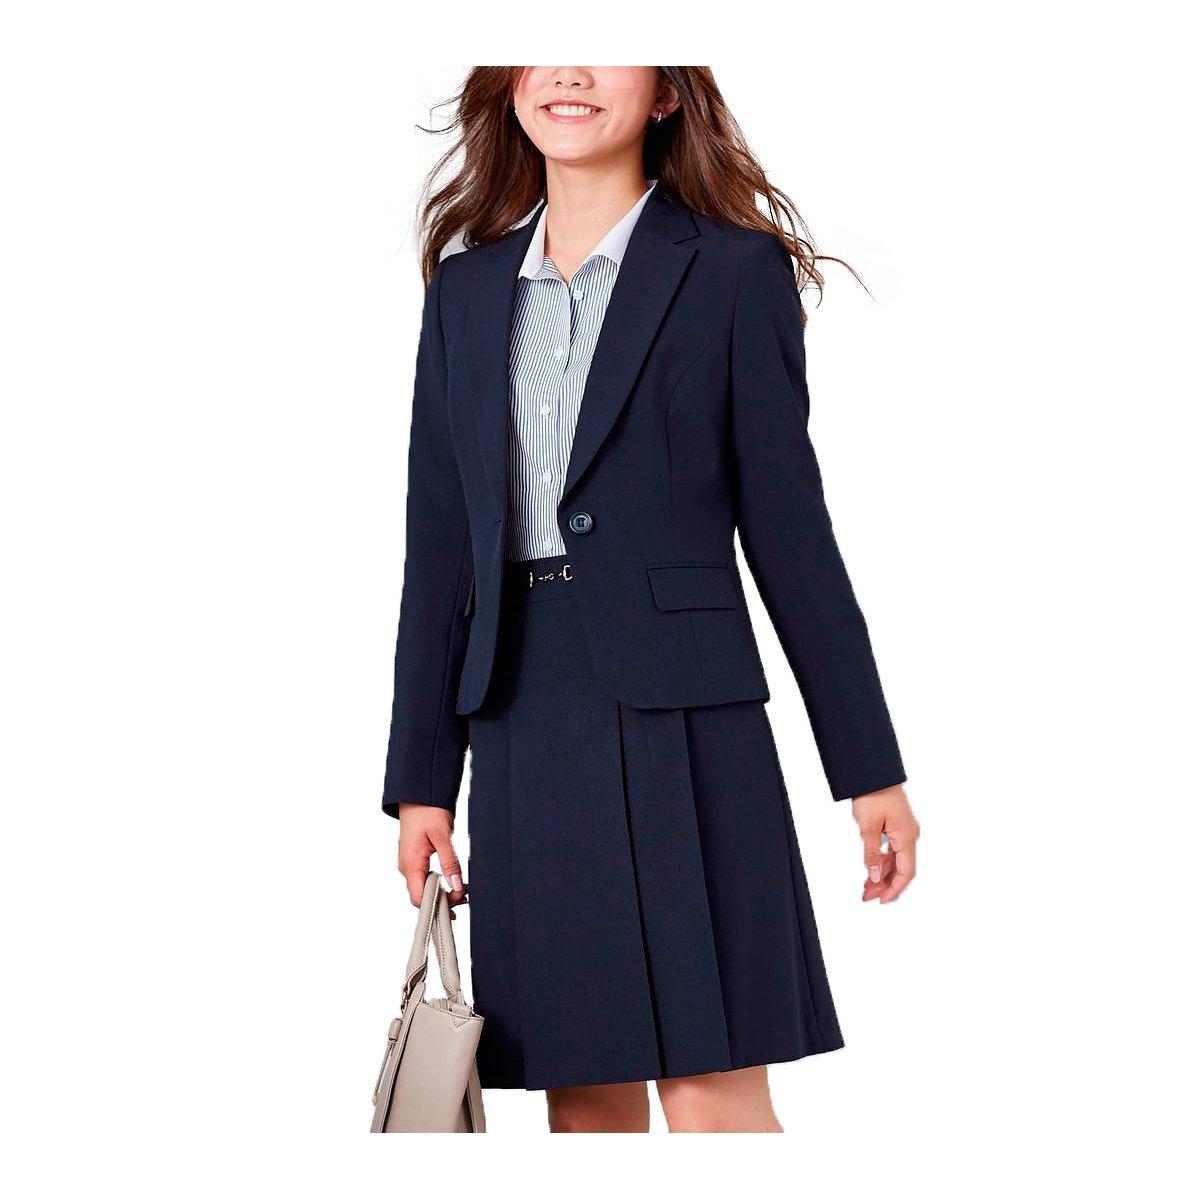 (ニッセン) nissen スーツ 上下 セットアップ ジャケット スカート 洗える オフィス ビジネス レディース B077TPN79F 15号|ネイビー ネイビー 15号